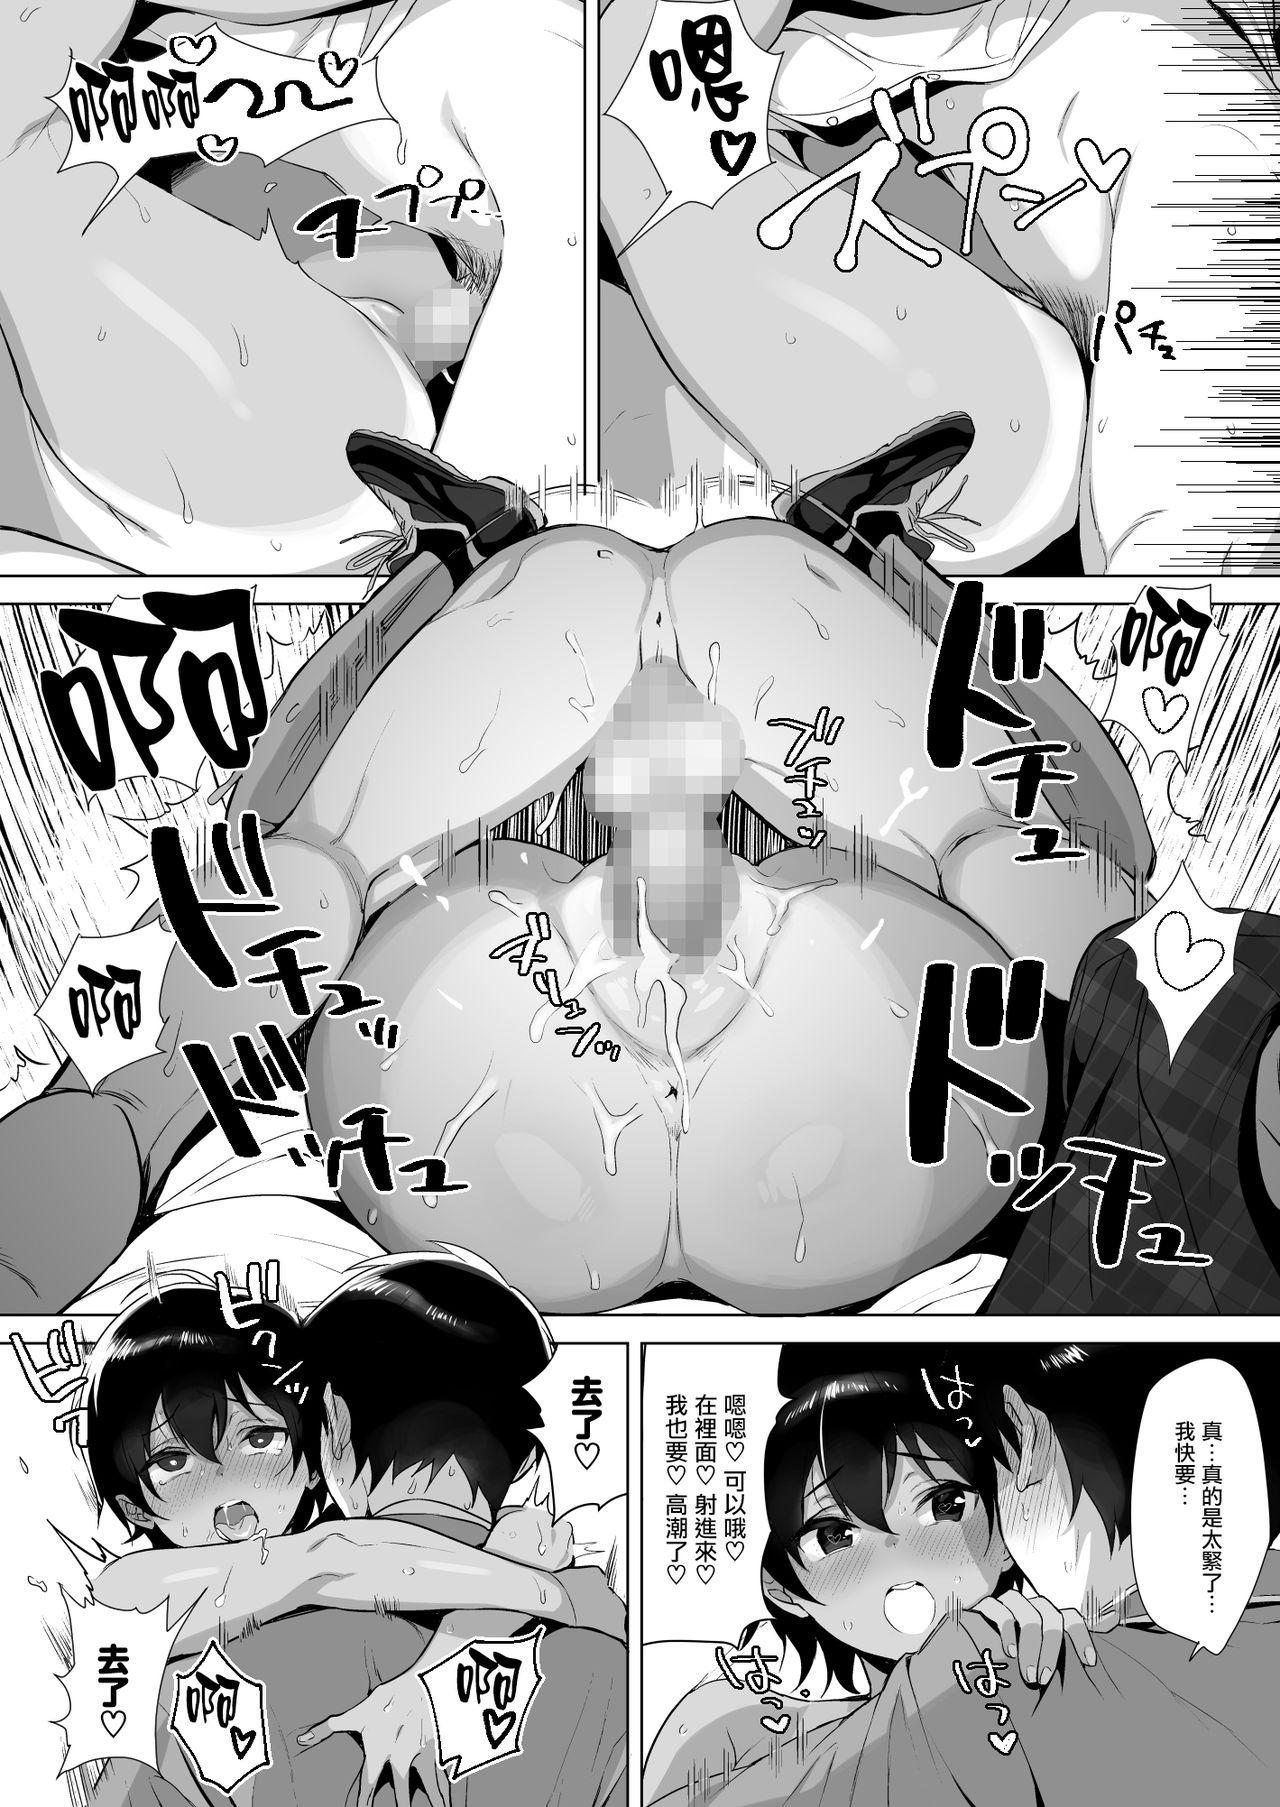 Gyouretsu no Dekiru Chinpo 12